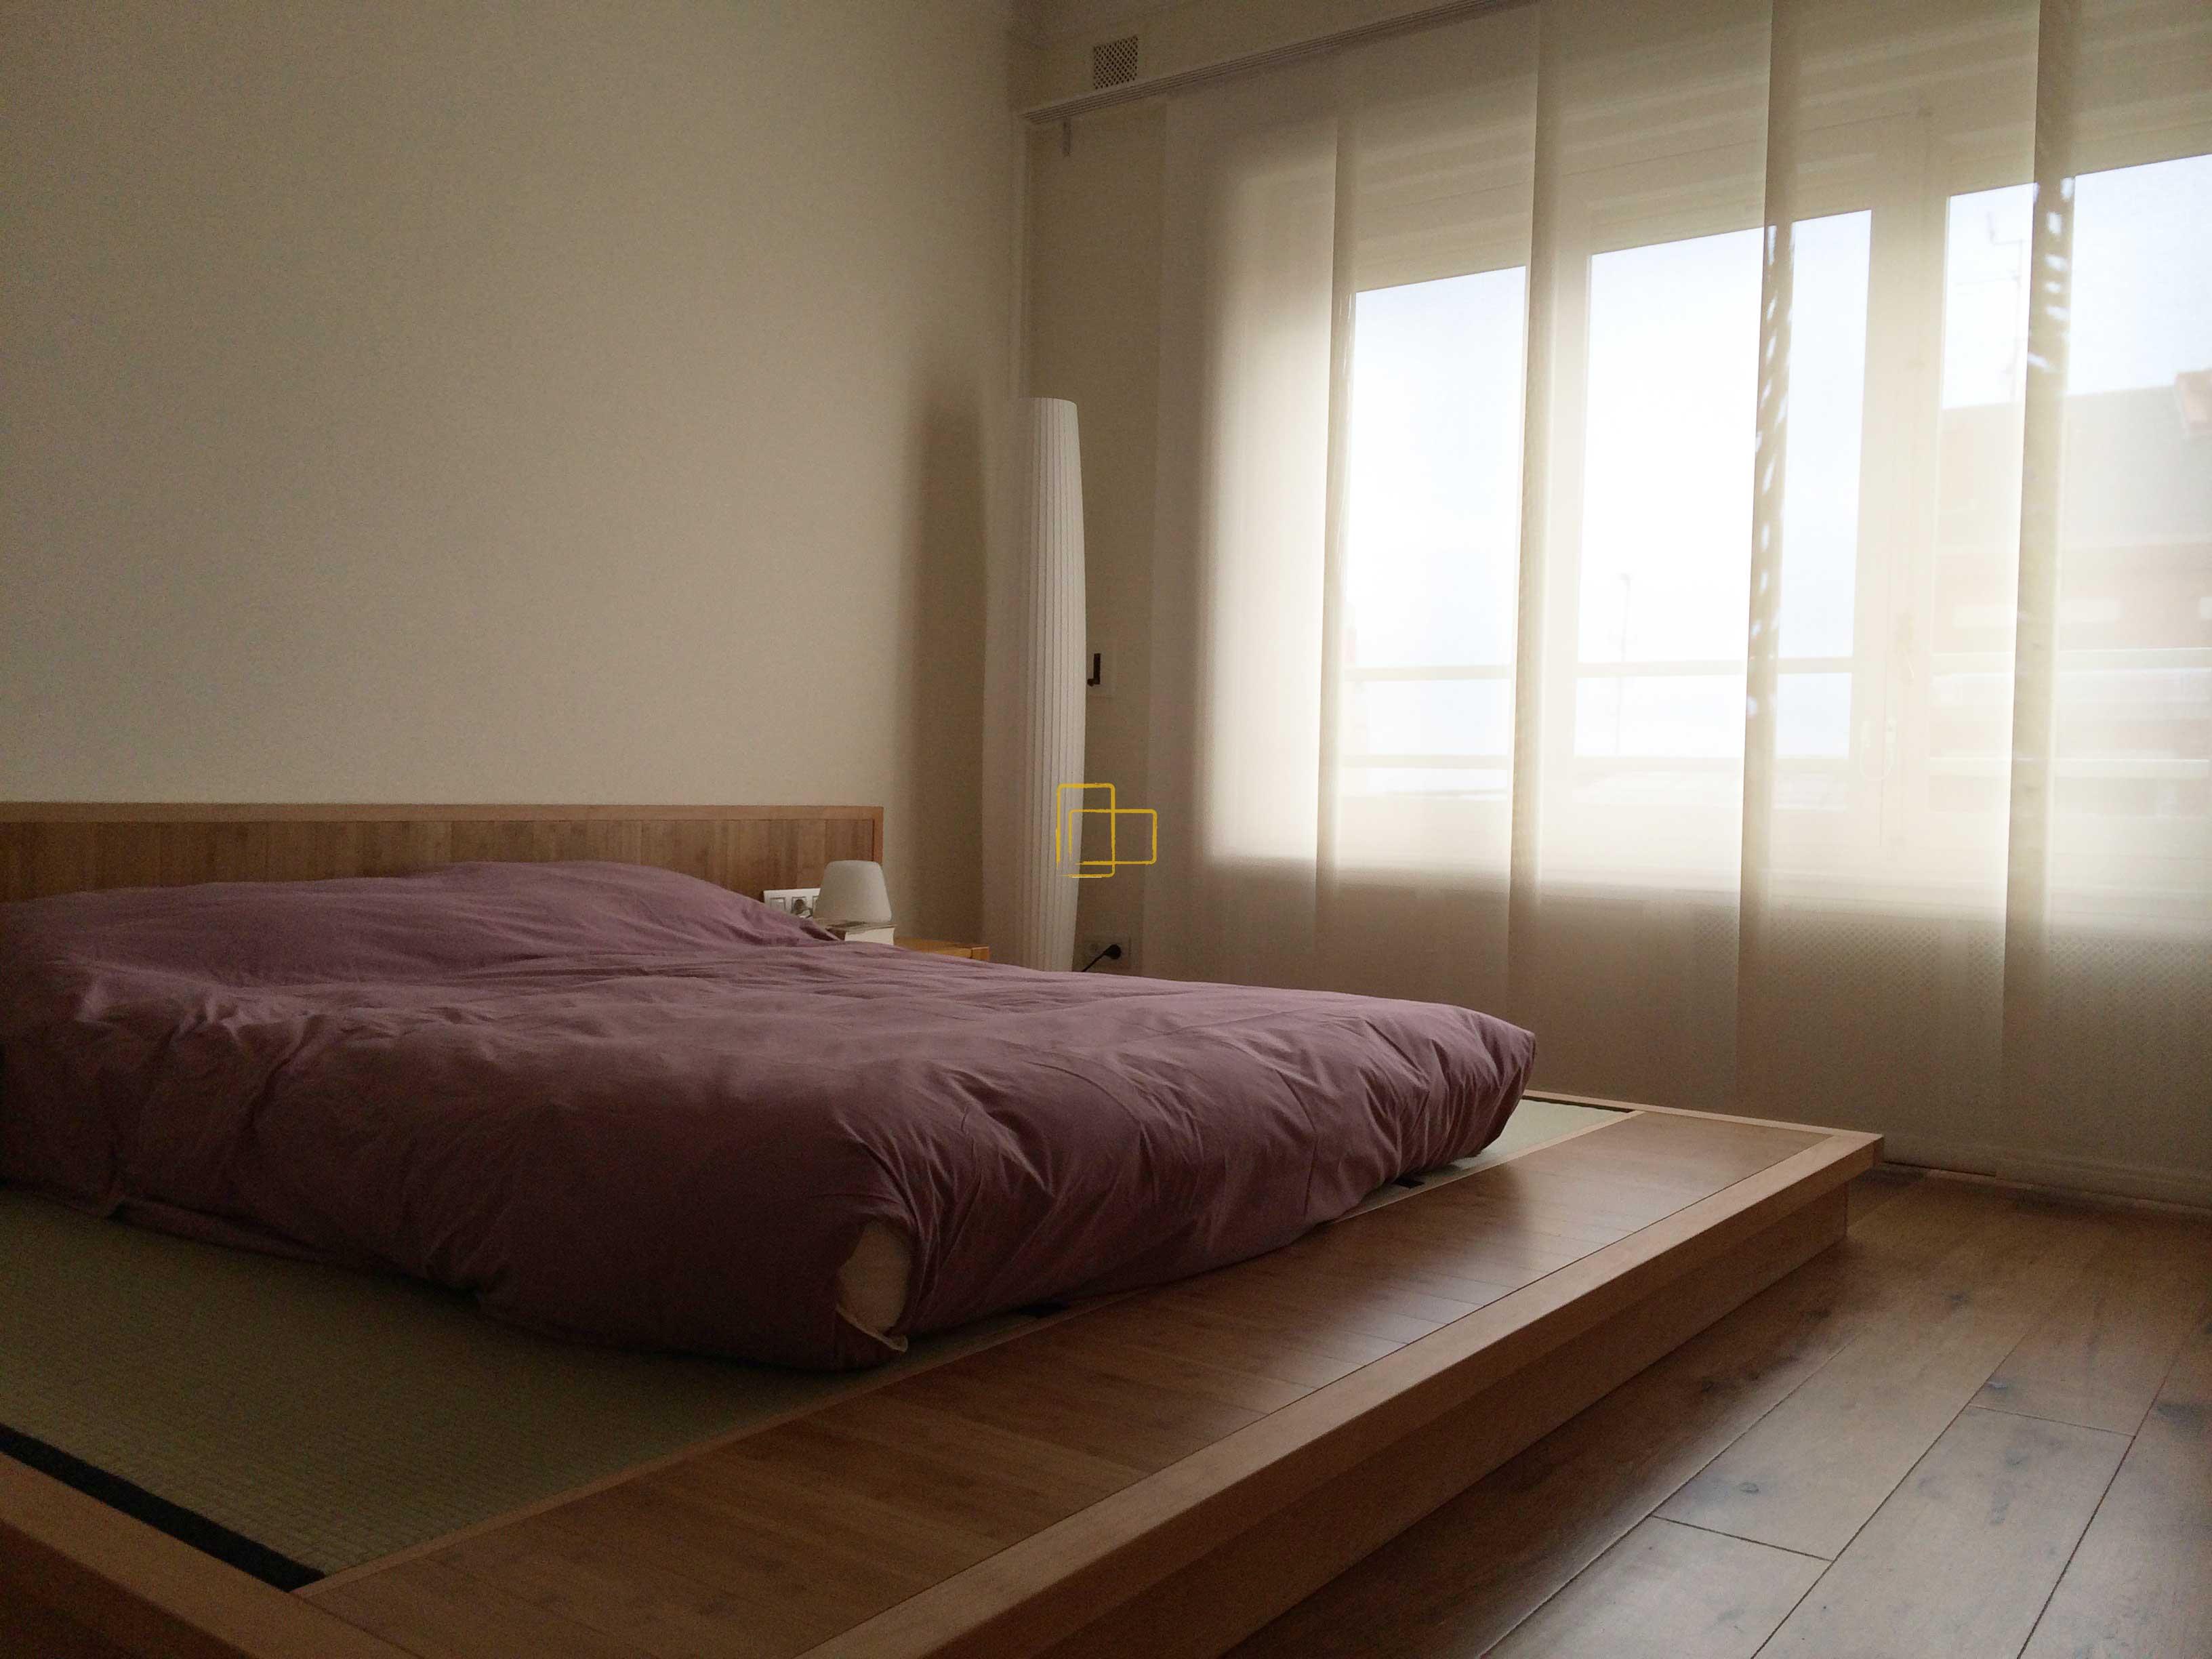 Solart cortinas y estores 50 dto - Paneles chinos cortinas ...